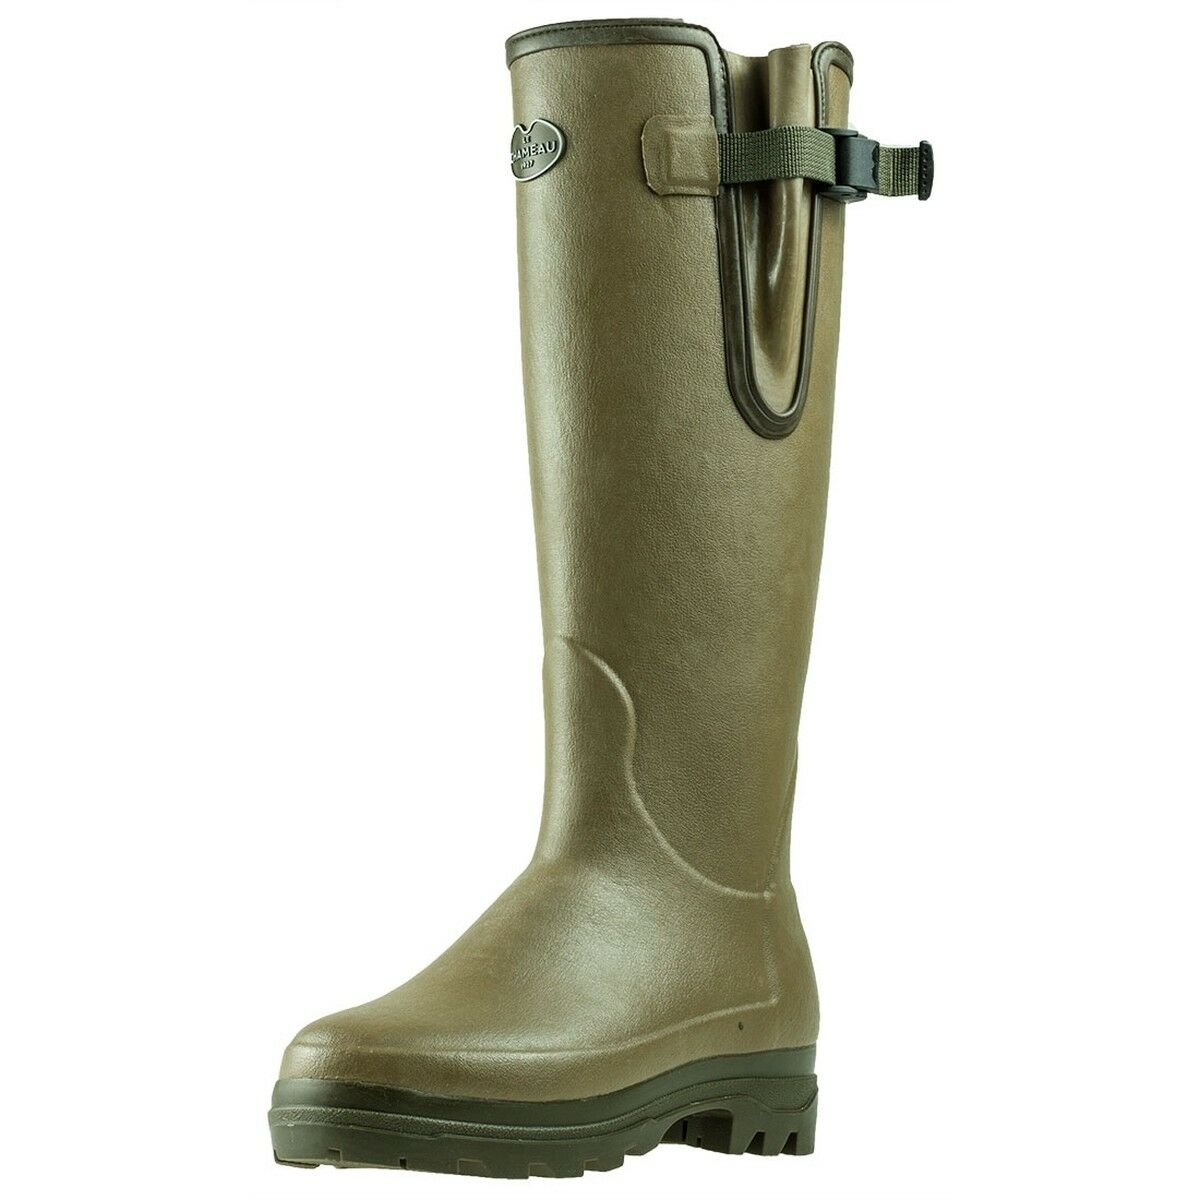 Le Le Le Chameau Vierzonord Womens Green Rubber Wellington Boots - 39 EU 9a15ab